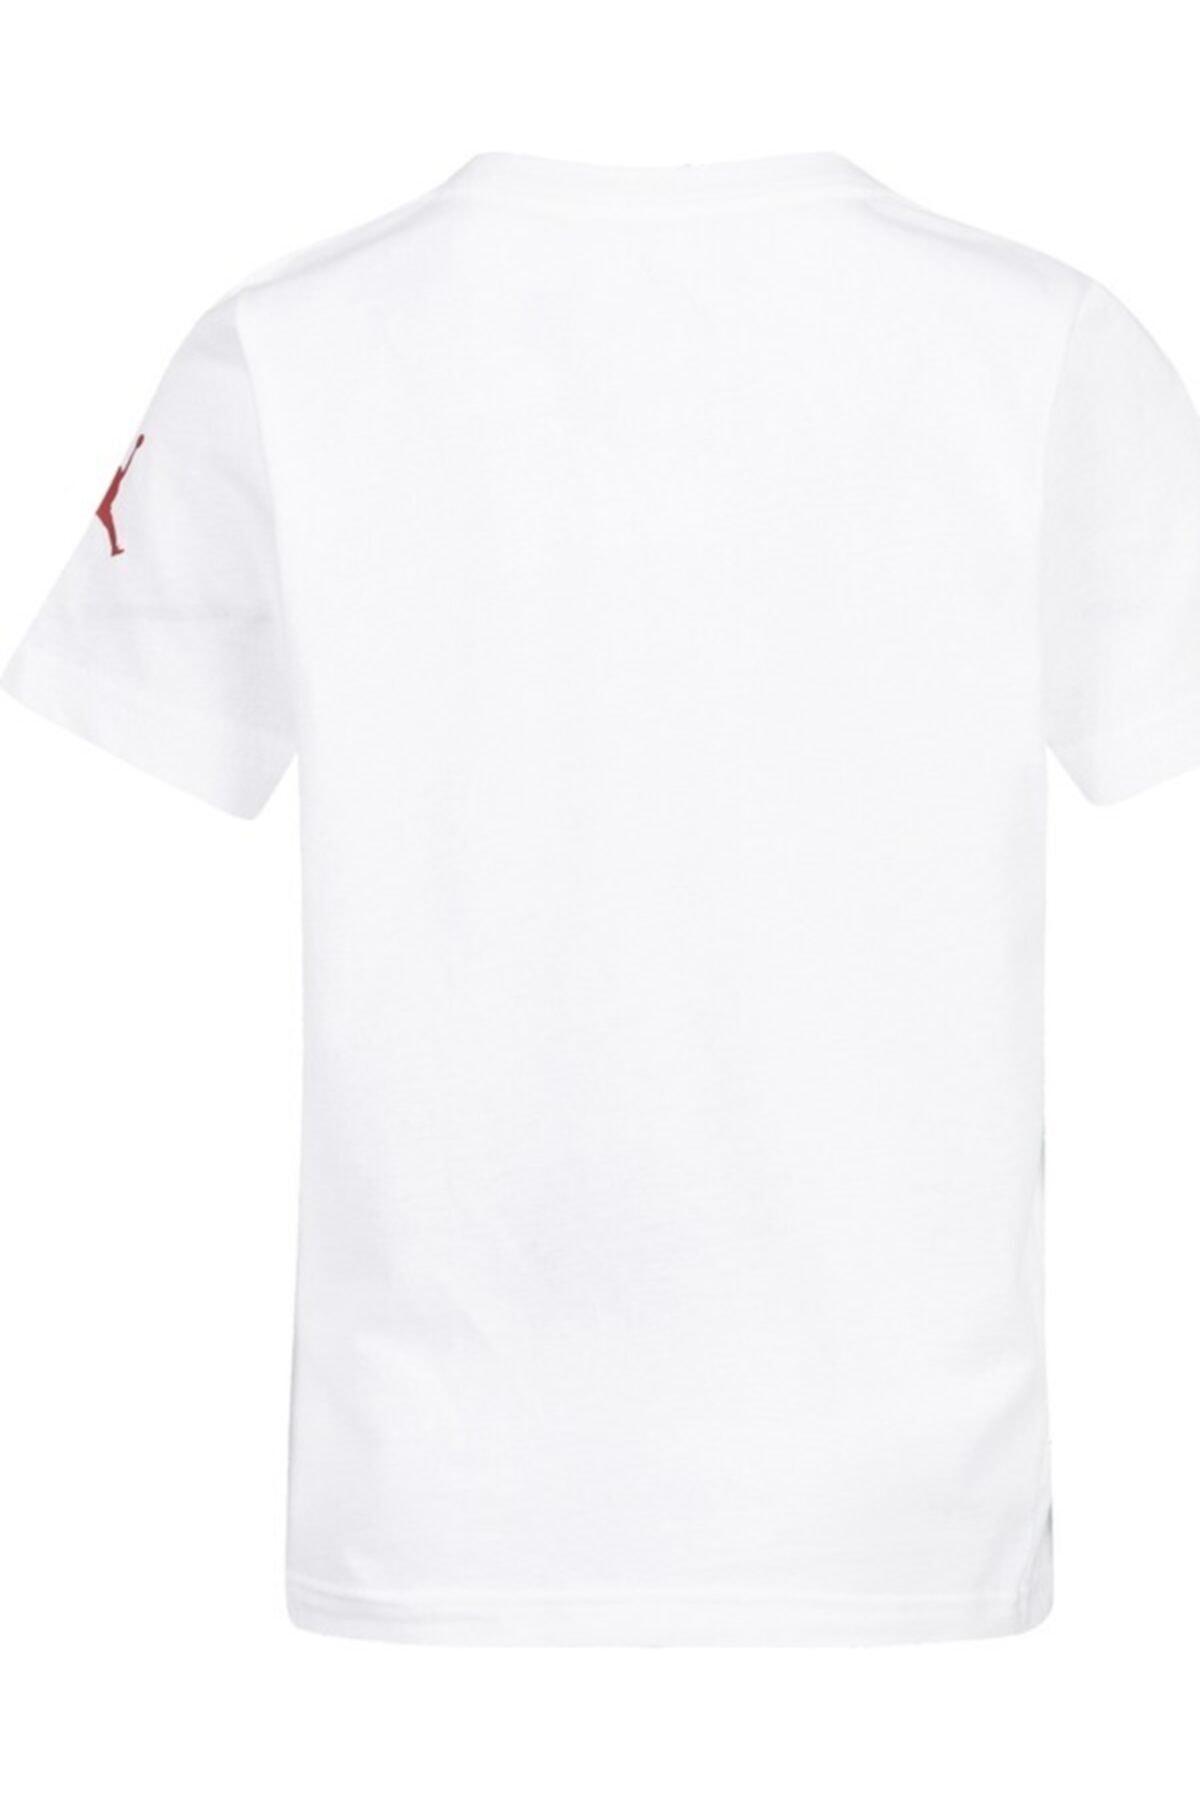 Nike Kids Unisex Çocuk Beyaz Jordan Jdb Brand Tee 5 Tişört 2